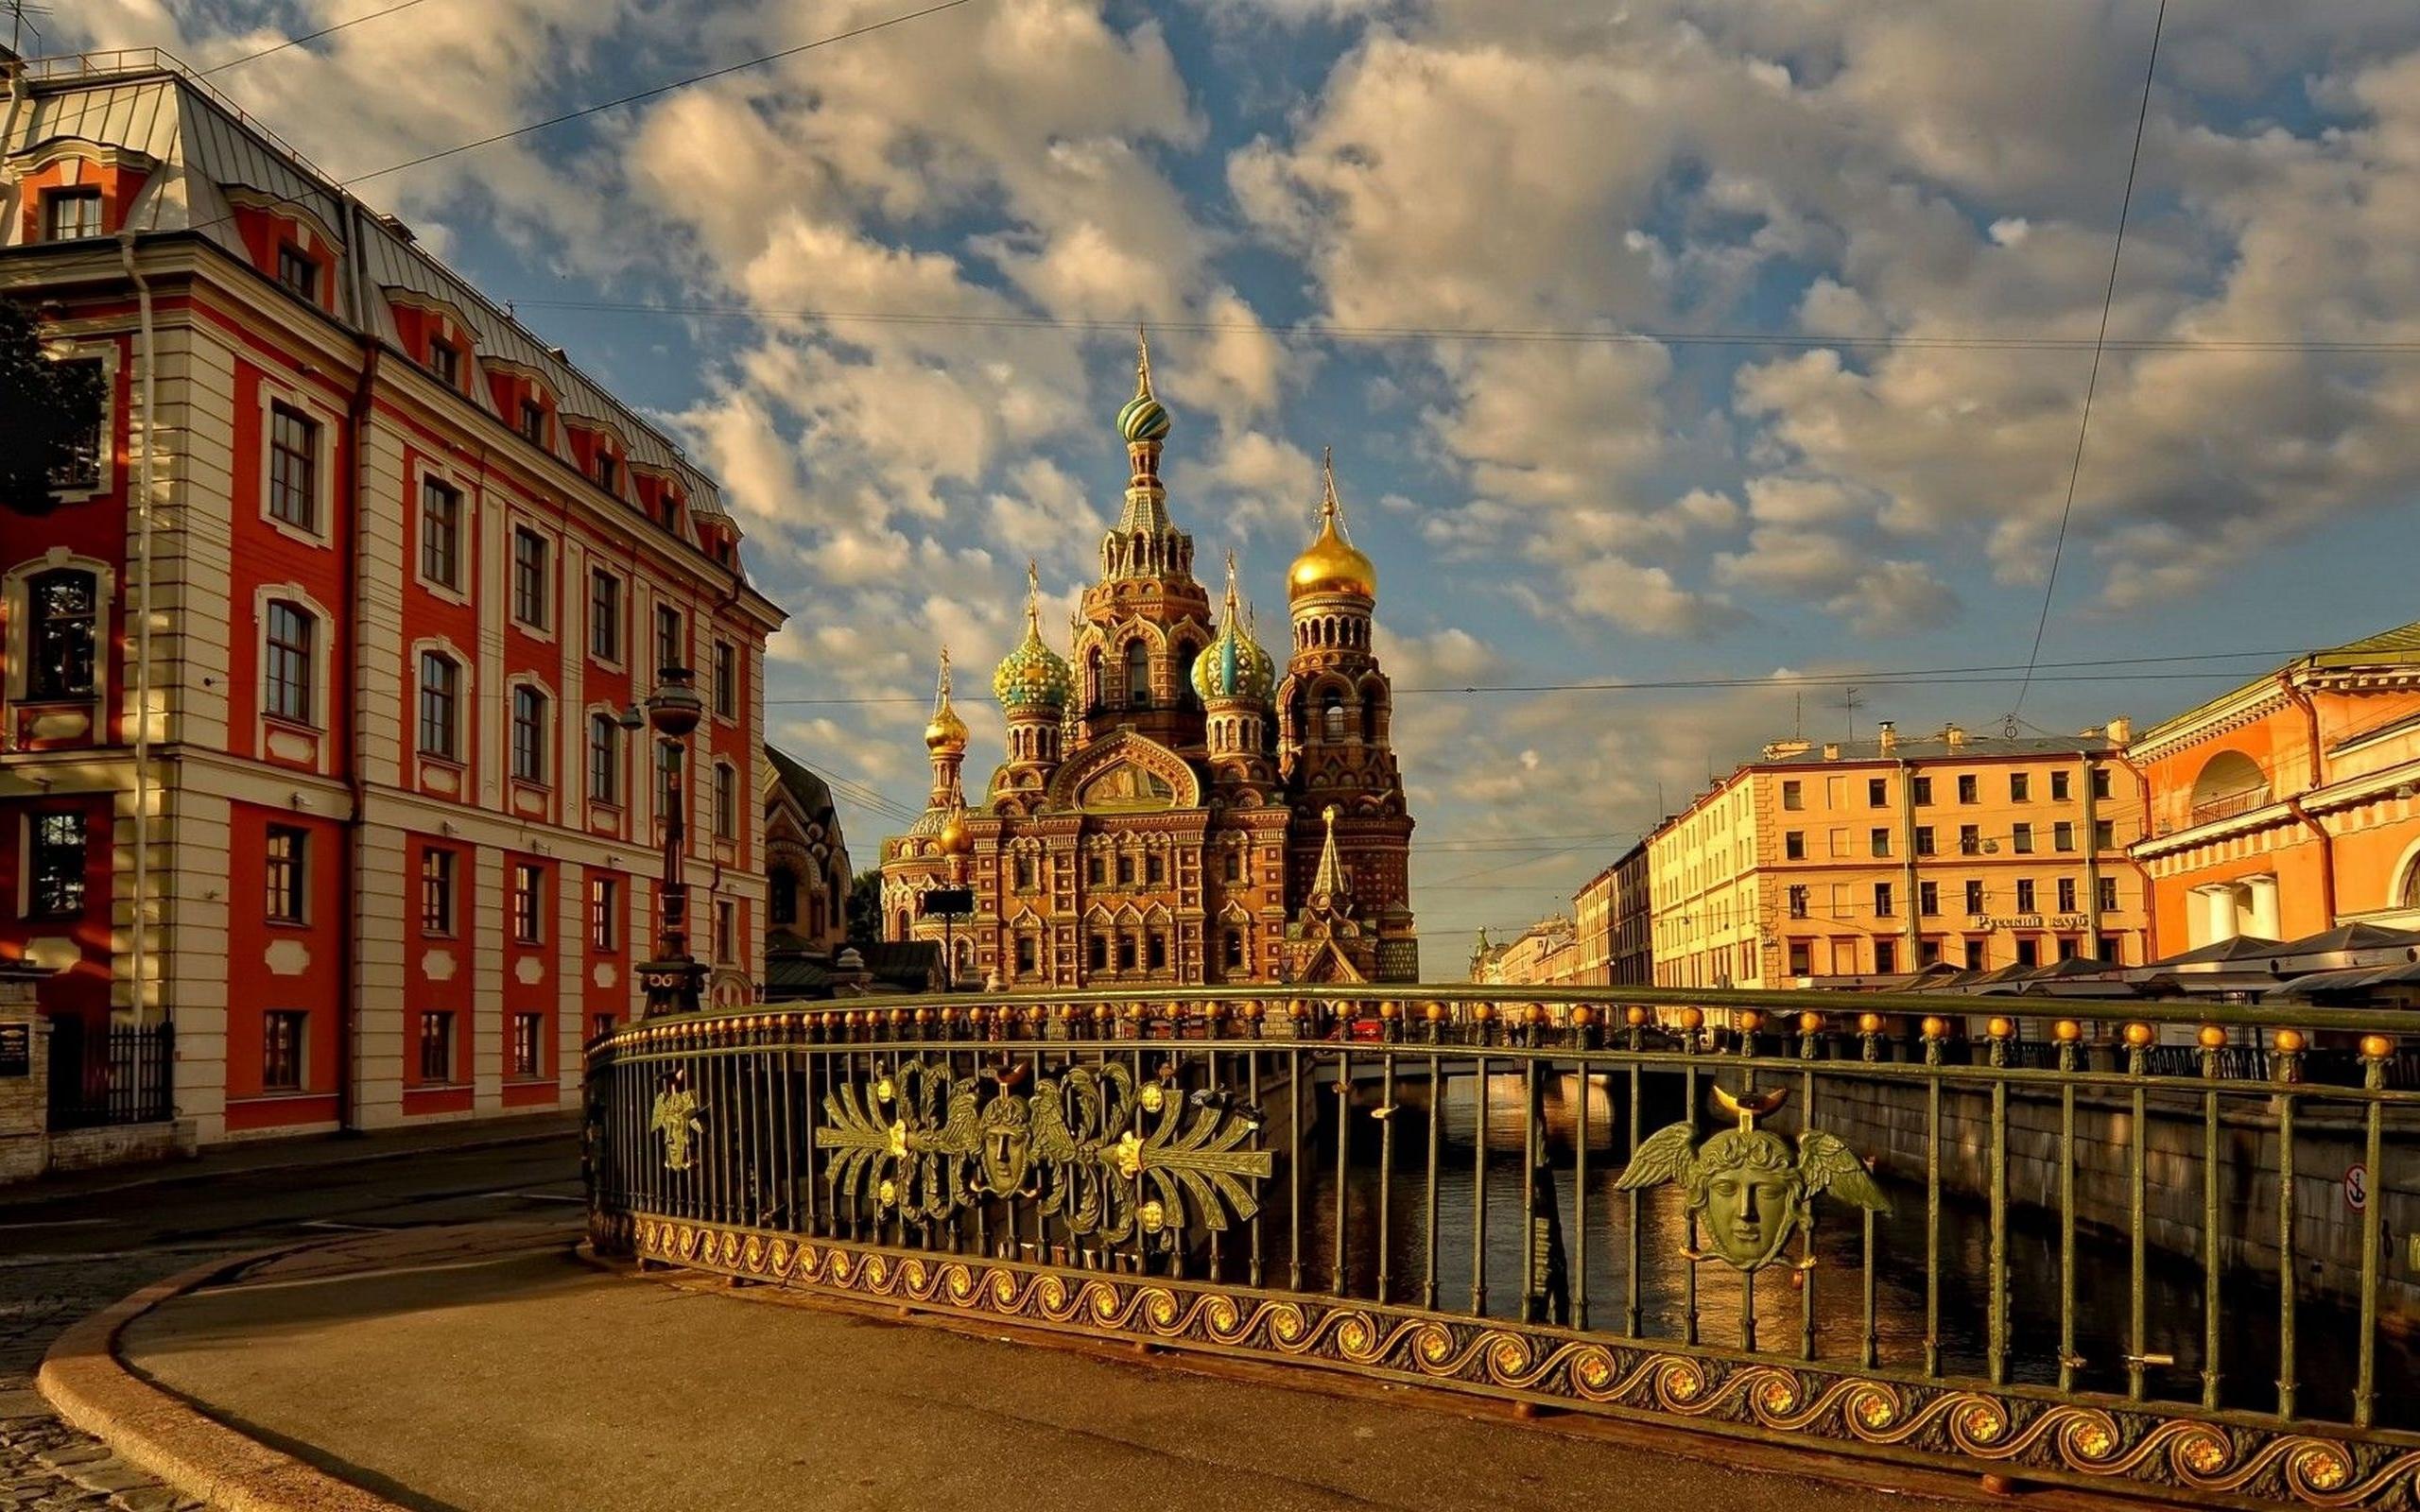 картинки санкт-петербурга хорошего качества на рабочий стол придаю большое